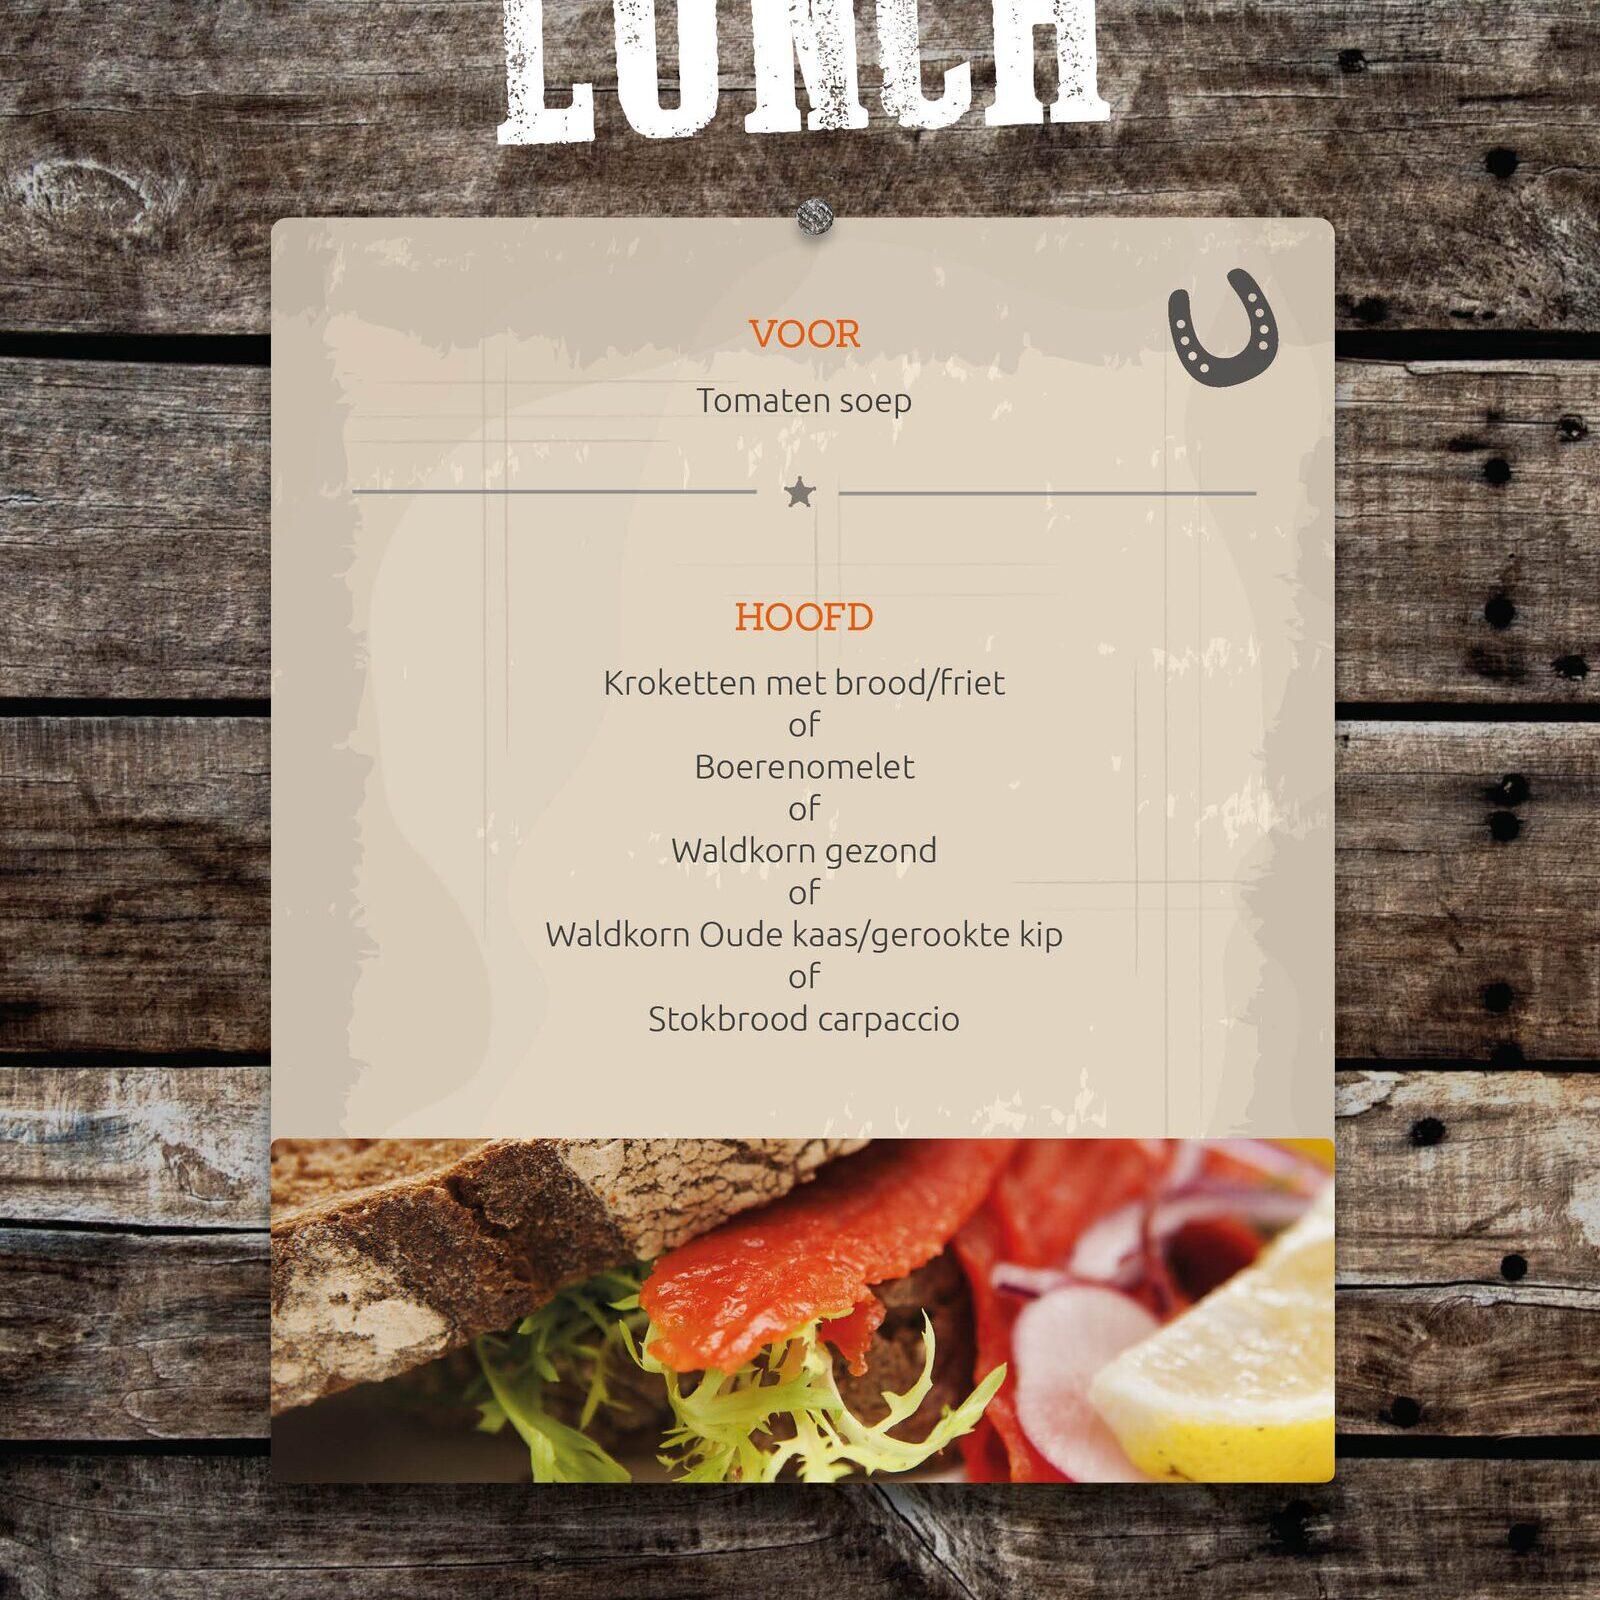 Lunchen in Voorthuizen